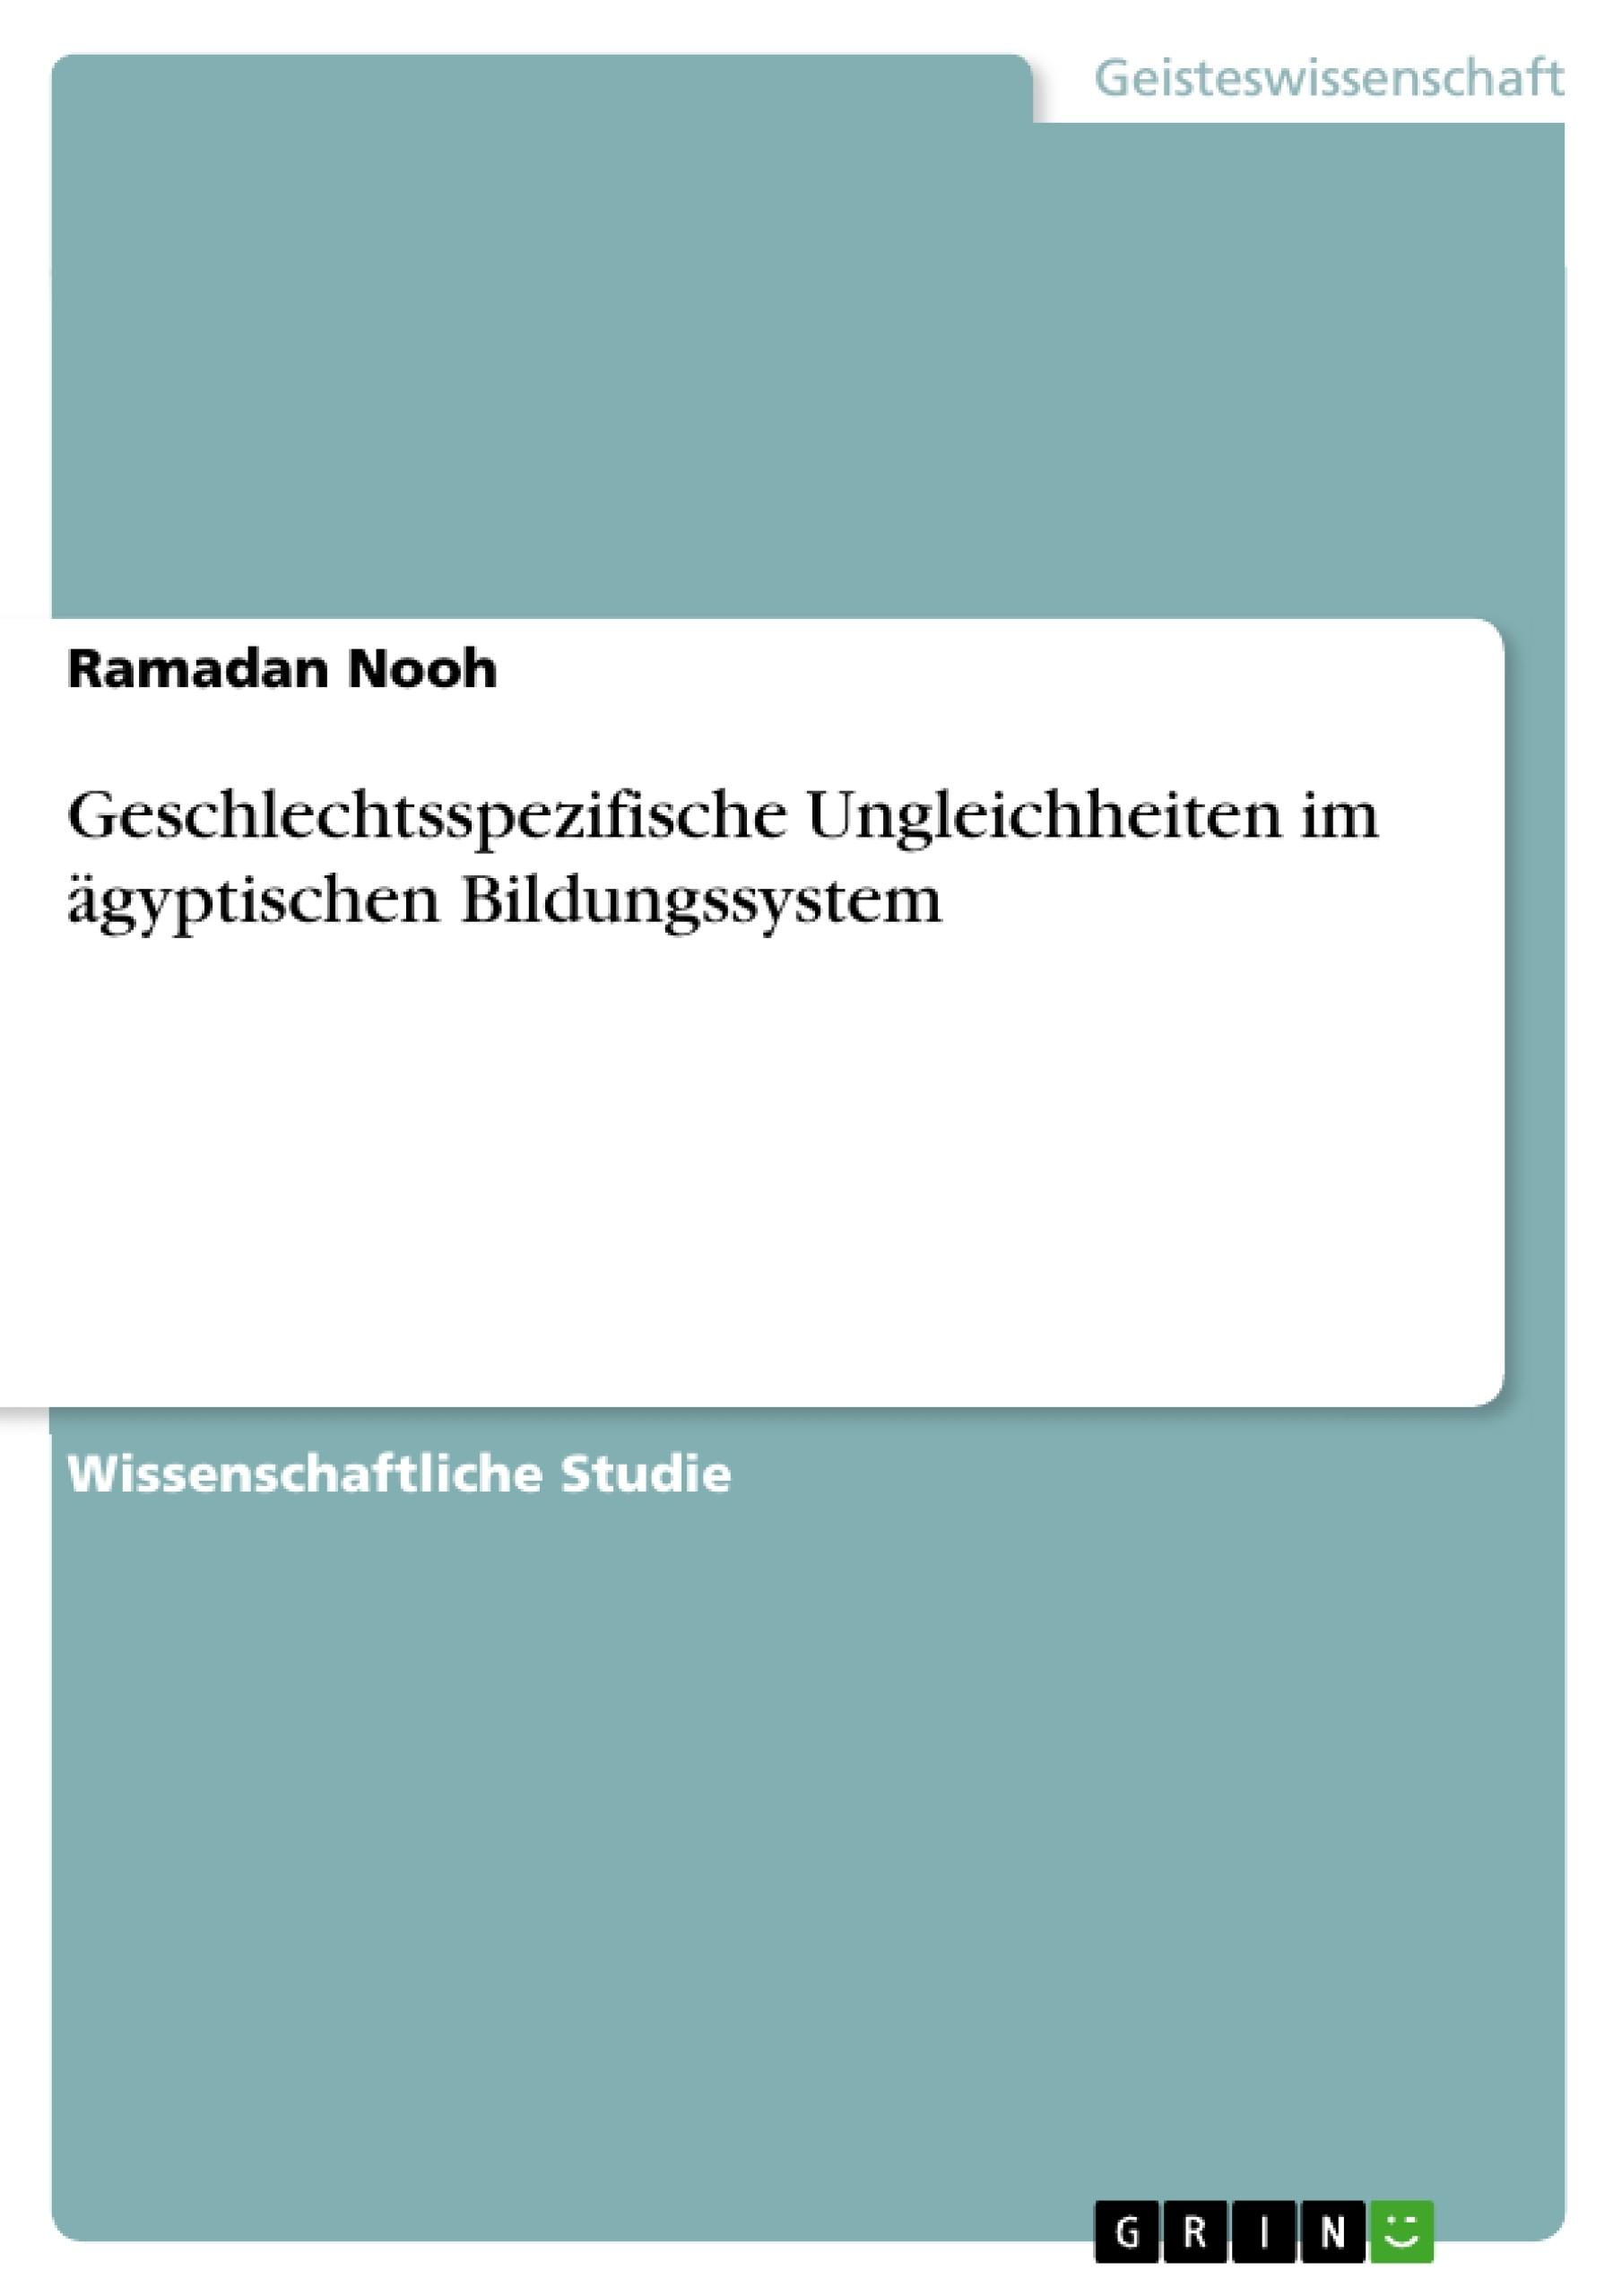 Titel: Geschlechtsspezifische Ungleichheiten im ägyptischen Bildungssystem